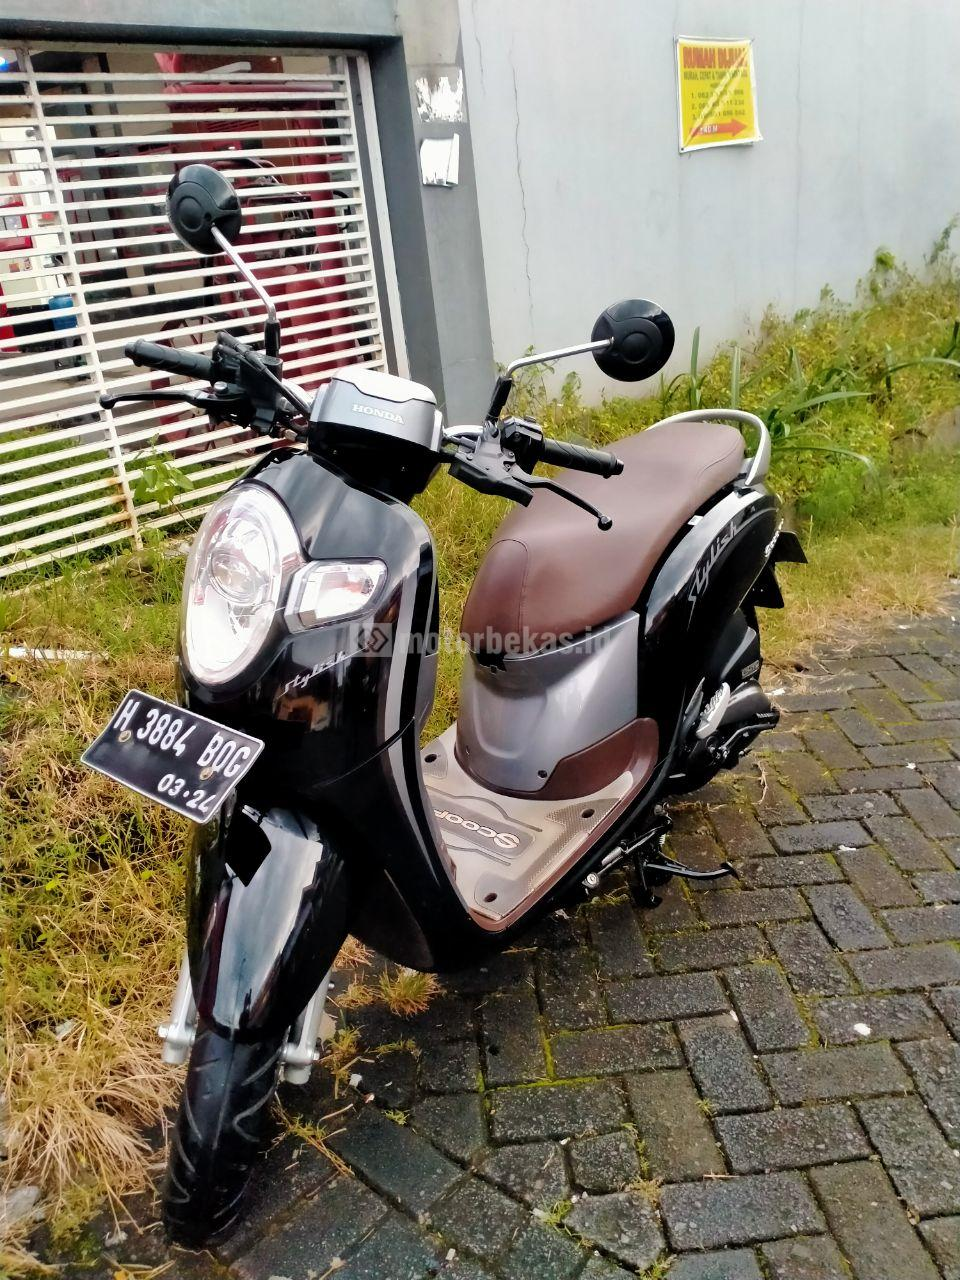 HONDA SCOOPY  1445 motorbekas.id